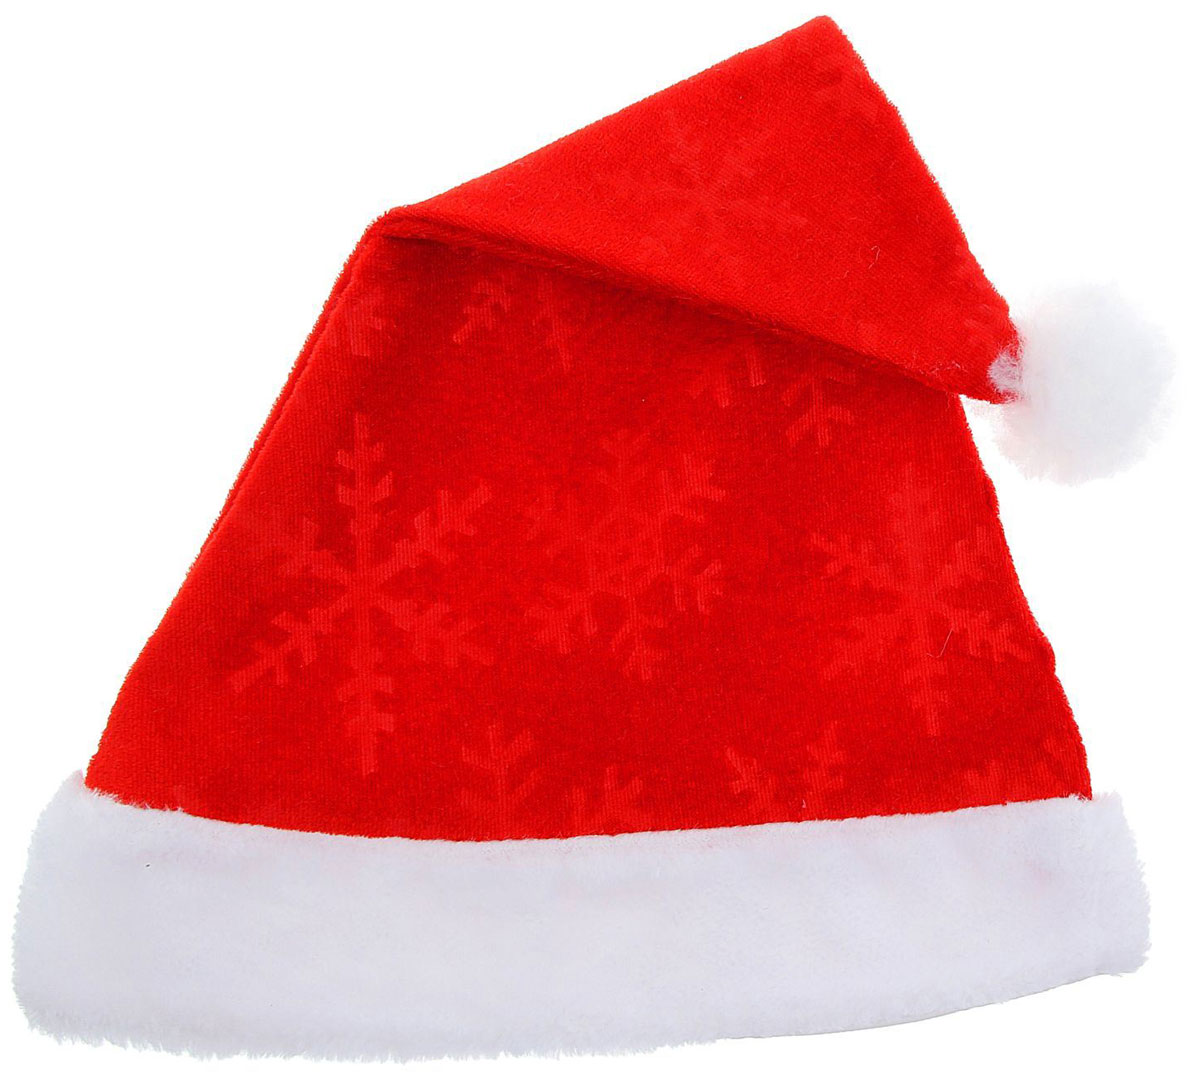 Колпак новогодний, со снежинками и крапинкой535449Поддайтесь новогоднему веселью на полную катушку! Забавный колпак в секунду создаст праздничное настроение, будь то поздравление ребятишек или вечеринка с друзьями. Размер изделия универсальный: аксессуар подойдет как для ребенка, так и для взрослого. А мягкий текстиль позволит носить колпак с комфортом на протяжении всей новогодней ночи.